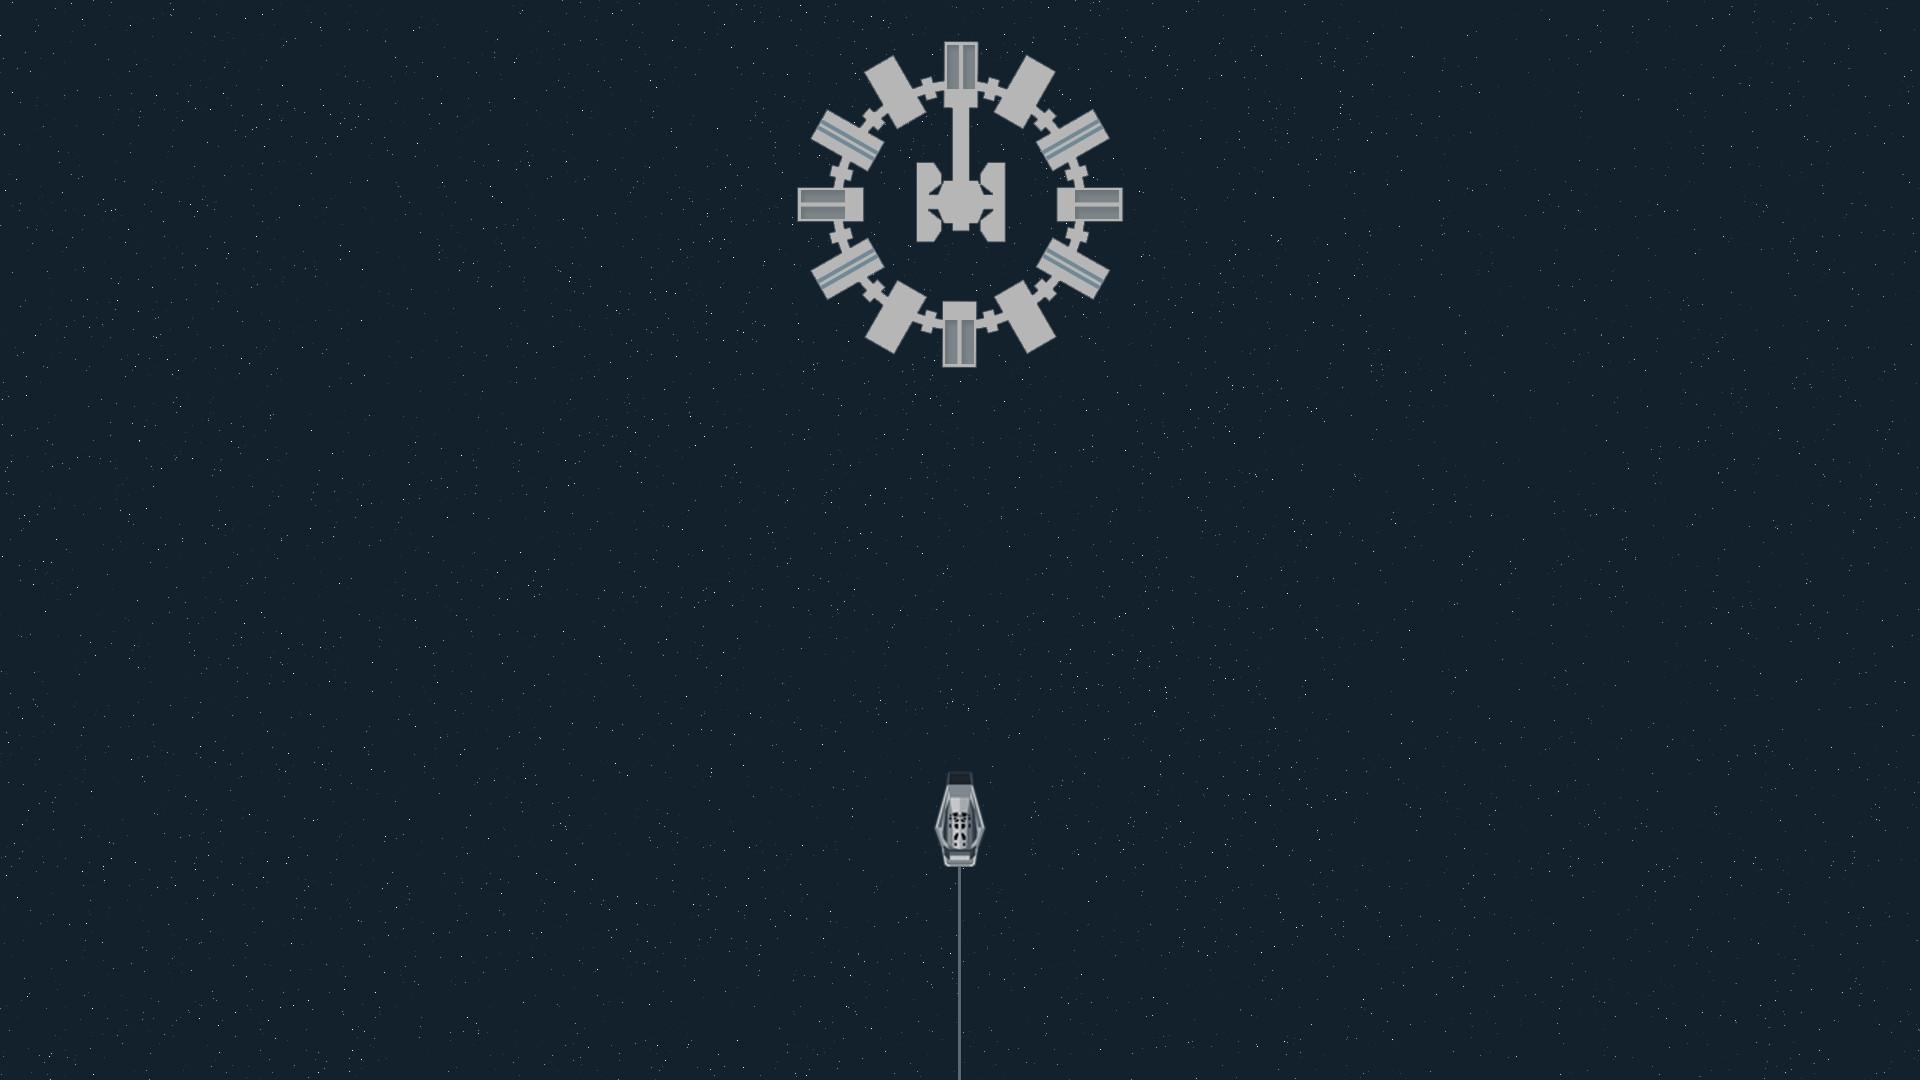 Minimalistic Interstellar [1920×1080] …